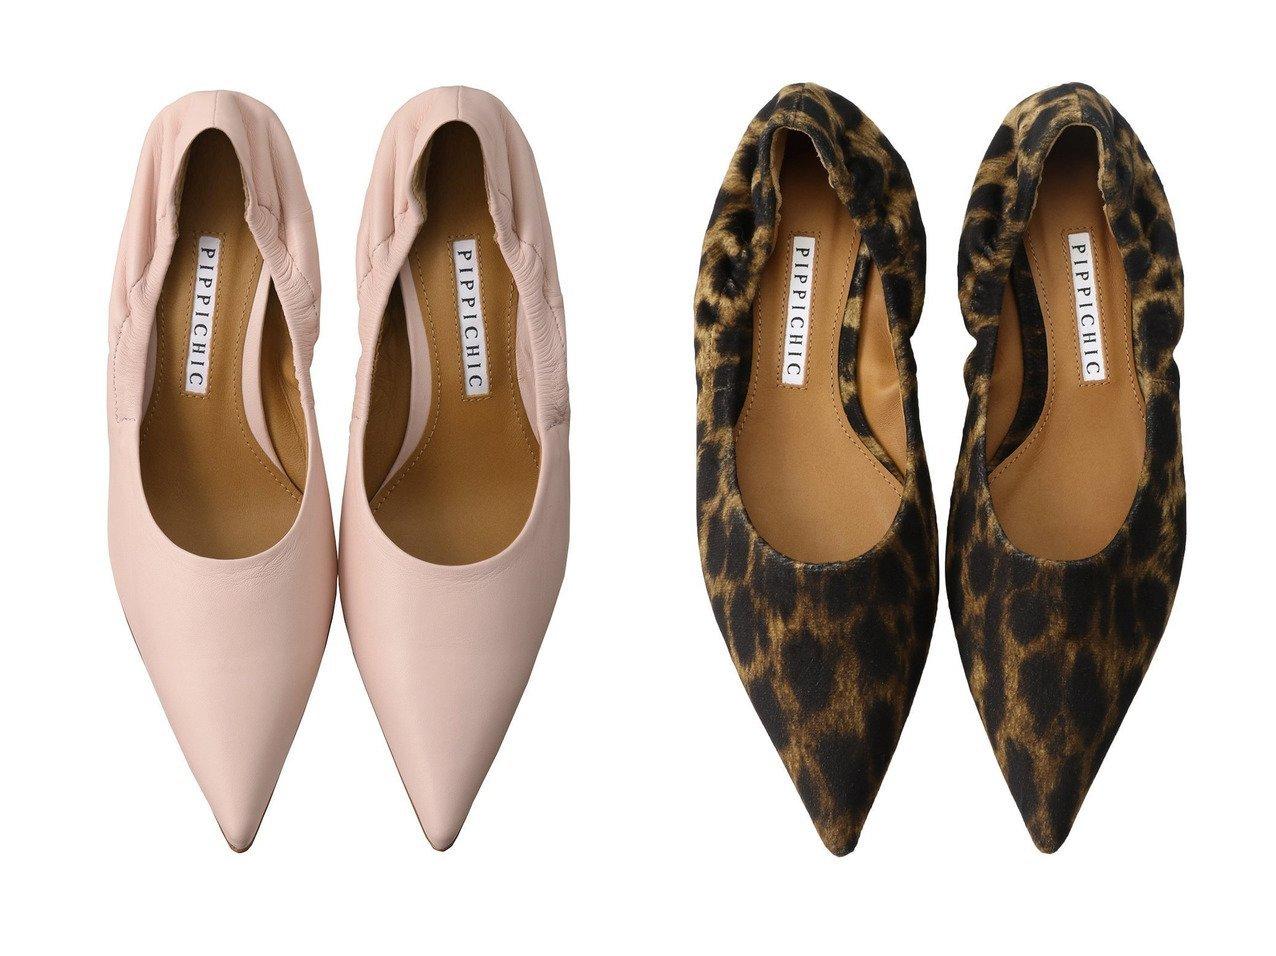 【Pippichic/ピッピシック】のREMY フラットシューズ&REMY レオパードフラットシューズ シューズ・靴のおすすめ!人気トレンド・レディースファッションの通販 おすすめで人気のファッション通販商品 インテリア・家具・キッズファッション・メンズファッション・レディースファッション・服の通販 founy(ファニー) https://founy.com/ ファッション Fashion レディースファッション WOMEN シューズ フラット エレガント レオパード |ID:crp329100000007765